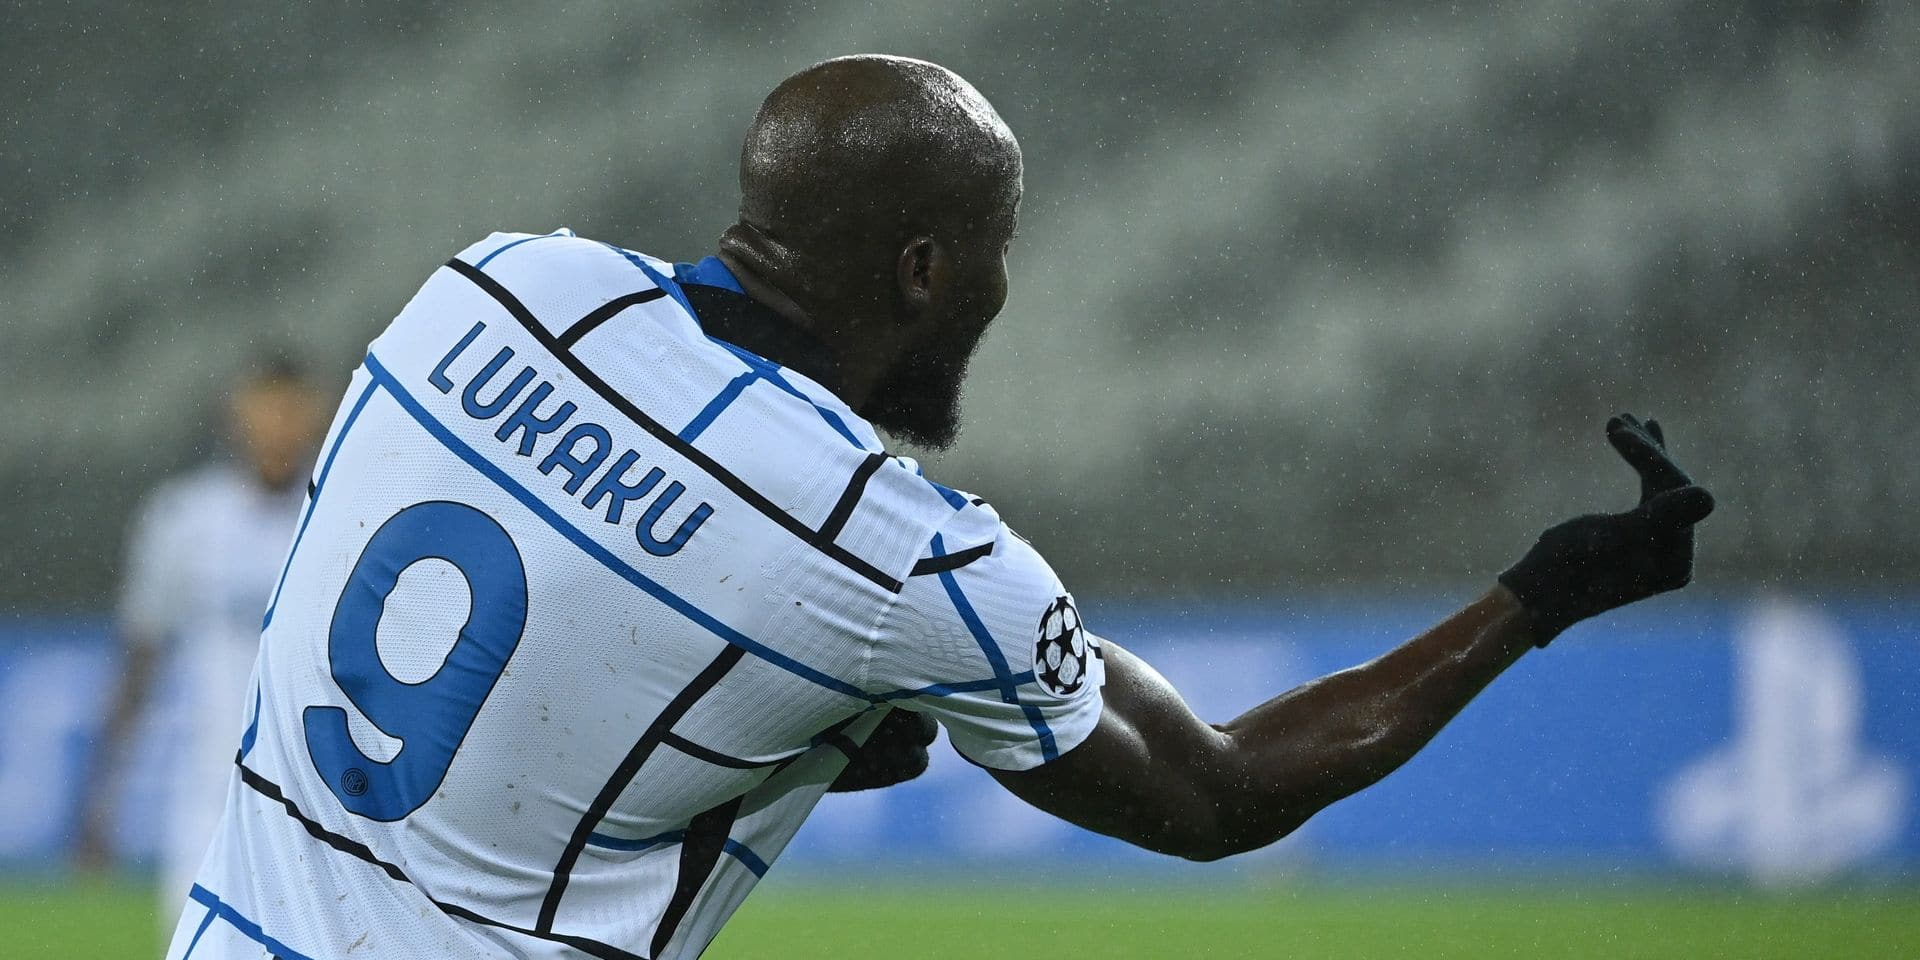 Course de 75 mètres, grand pont sur le gardien : Romelu Lukaku a offert la victoire pour l'Inter d'un magnifique but (VIDEO)